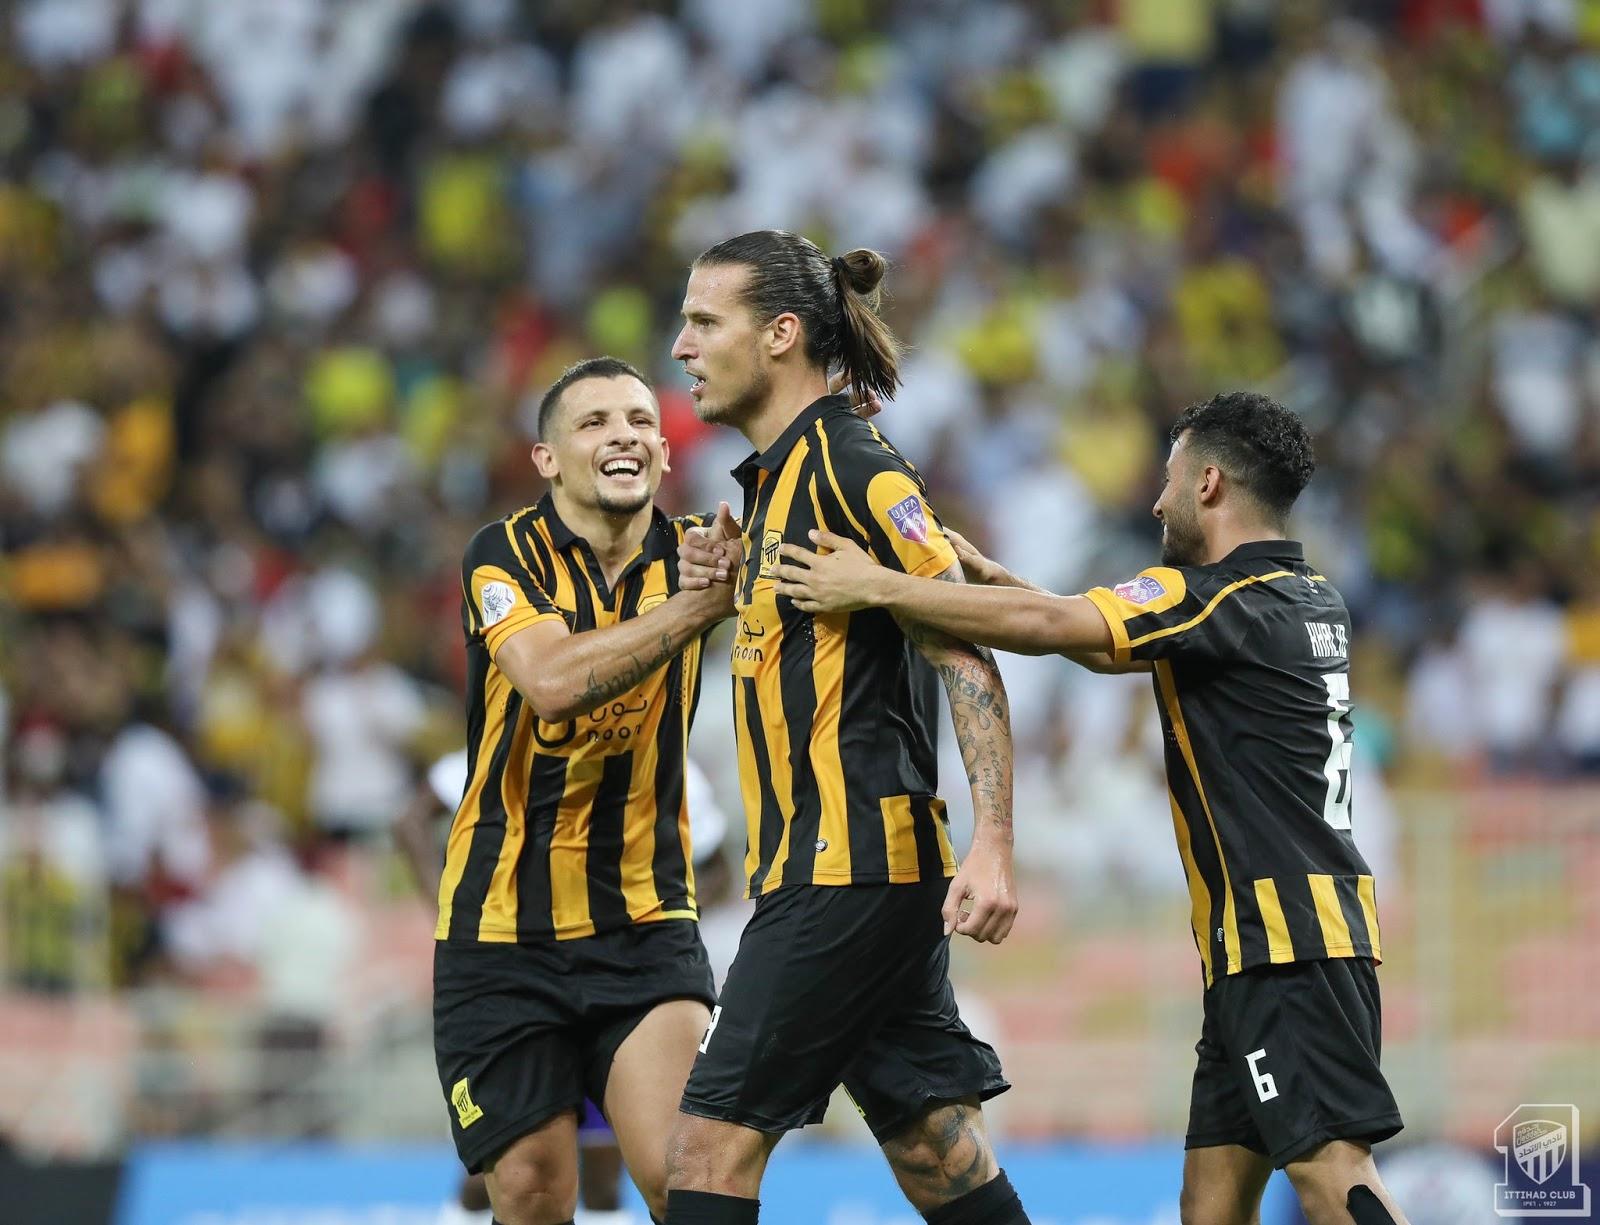 نتيجة مباراة الرائد والإتحاد بتاريخ 31-01-2020 الدوري السعودي